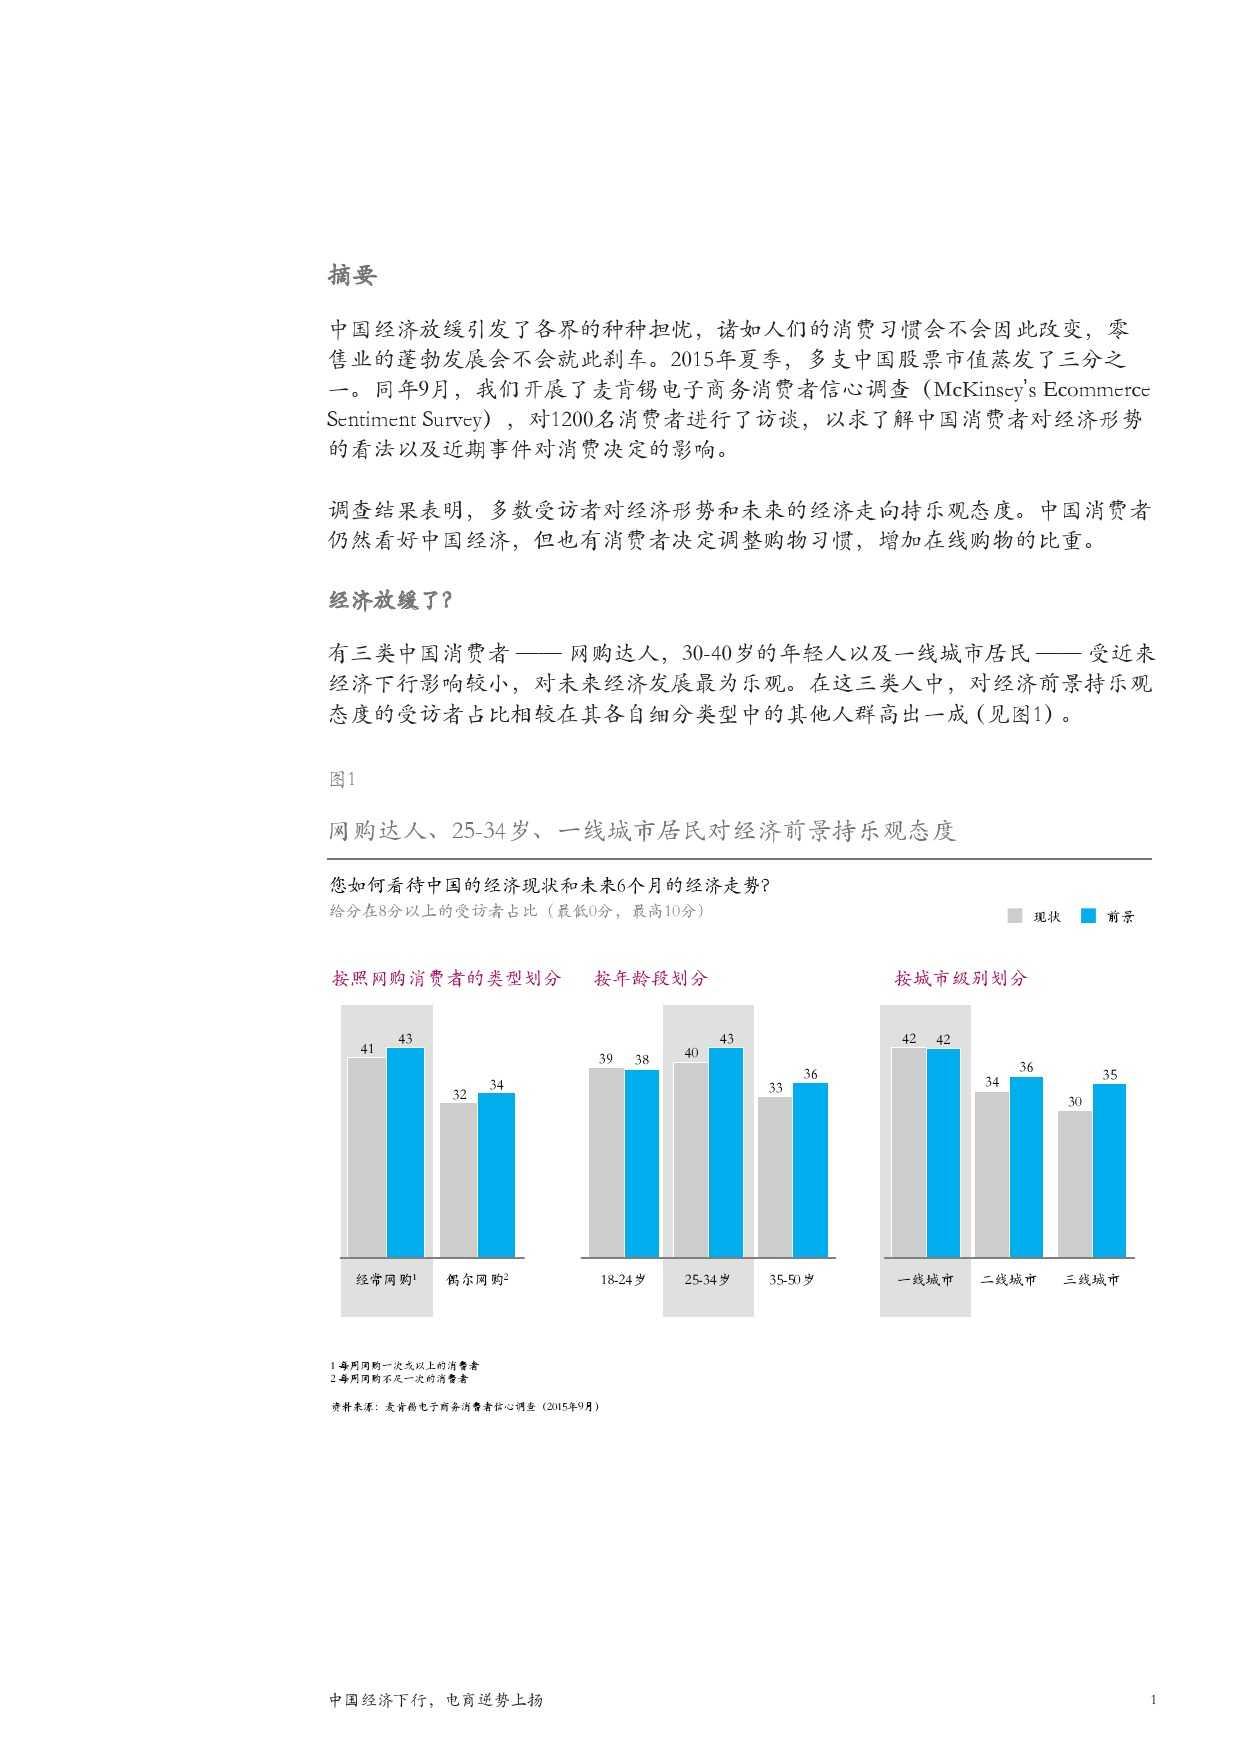 麦肯锡:中国经济下行,电商逆势上扬_000005